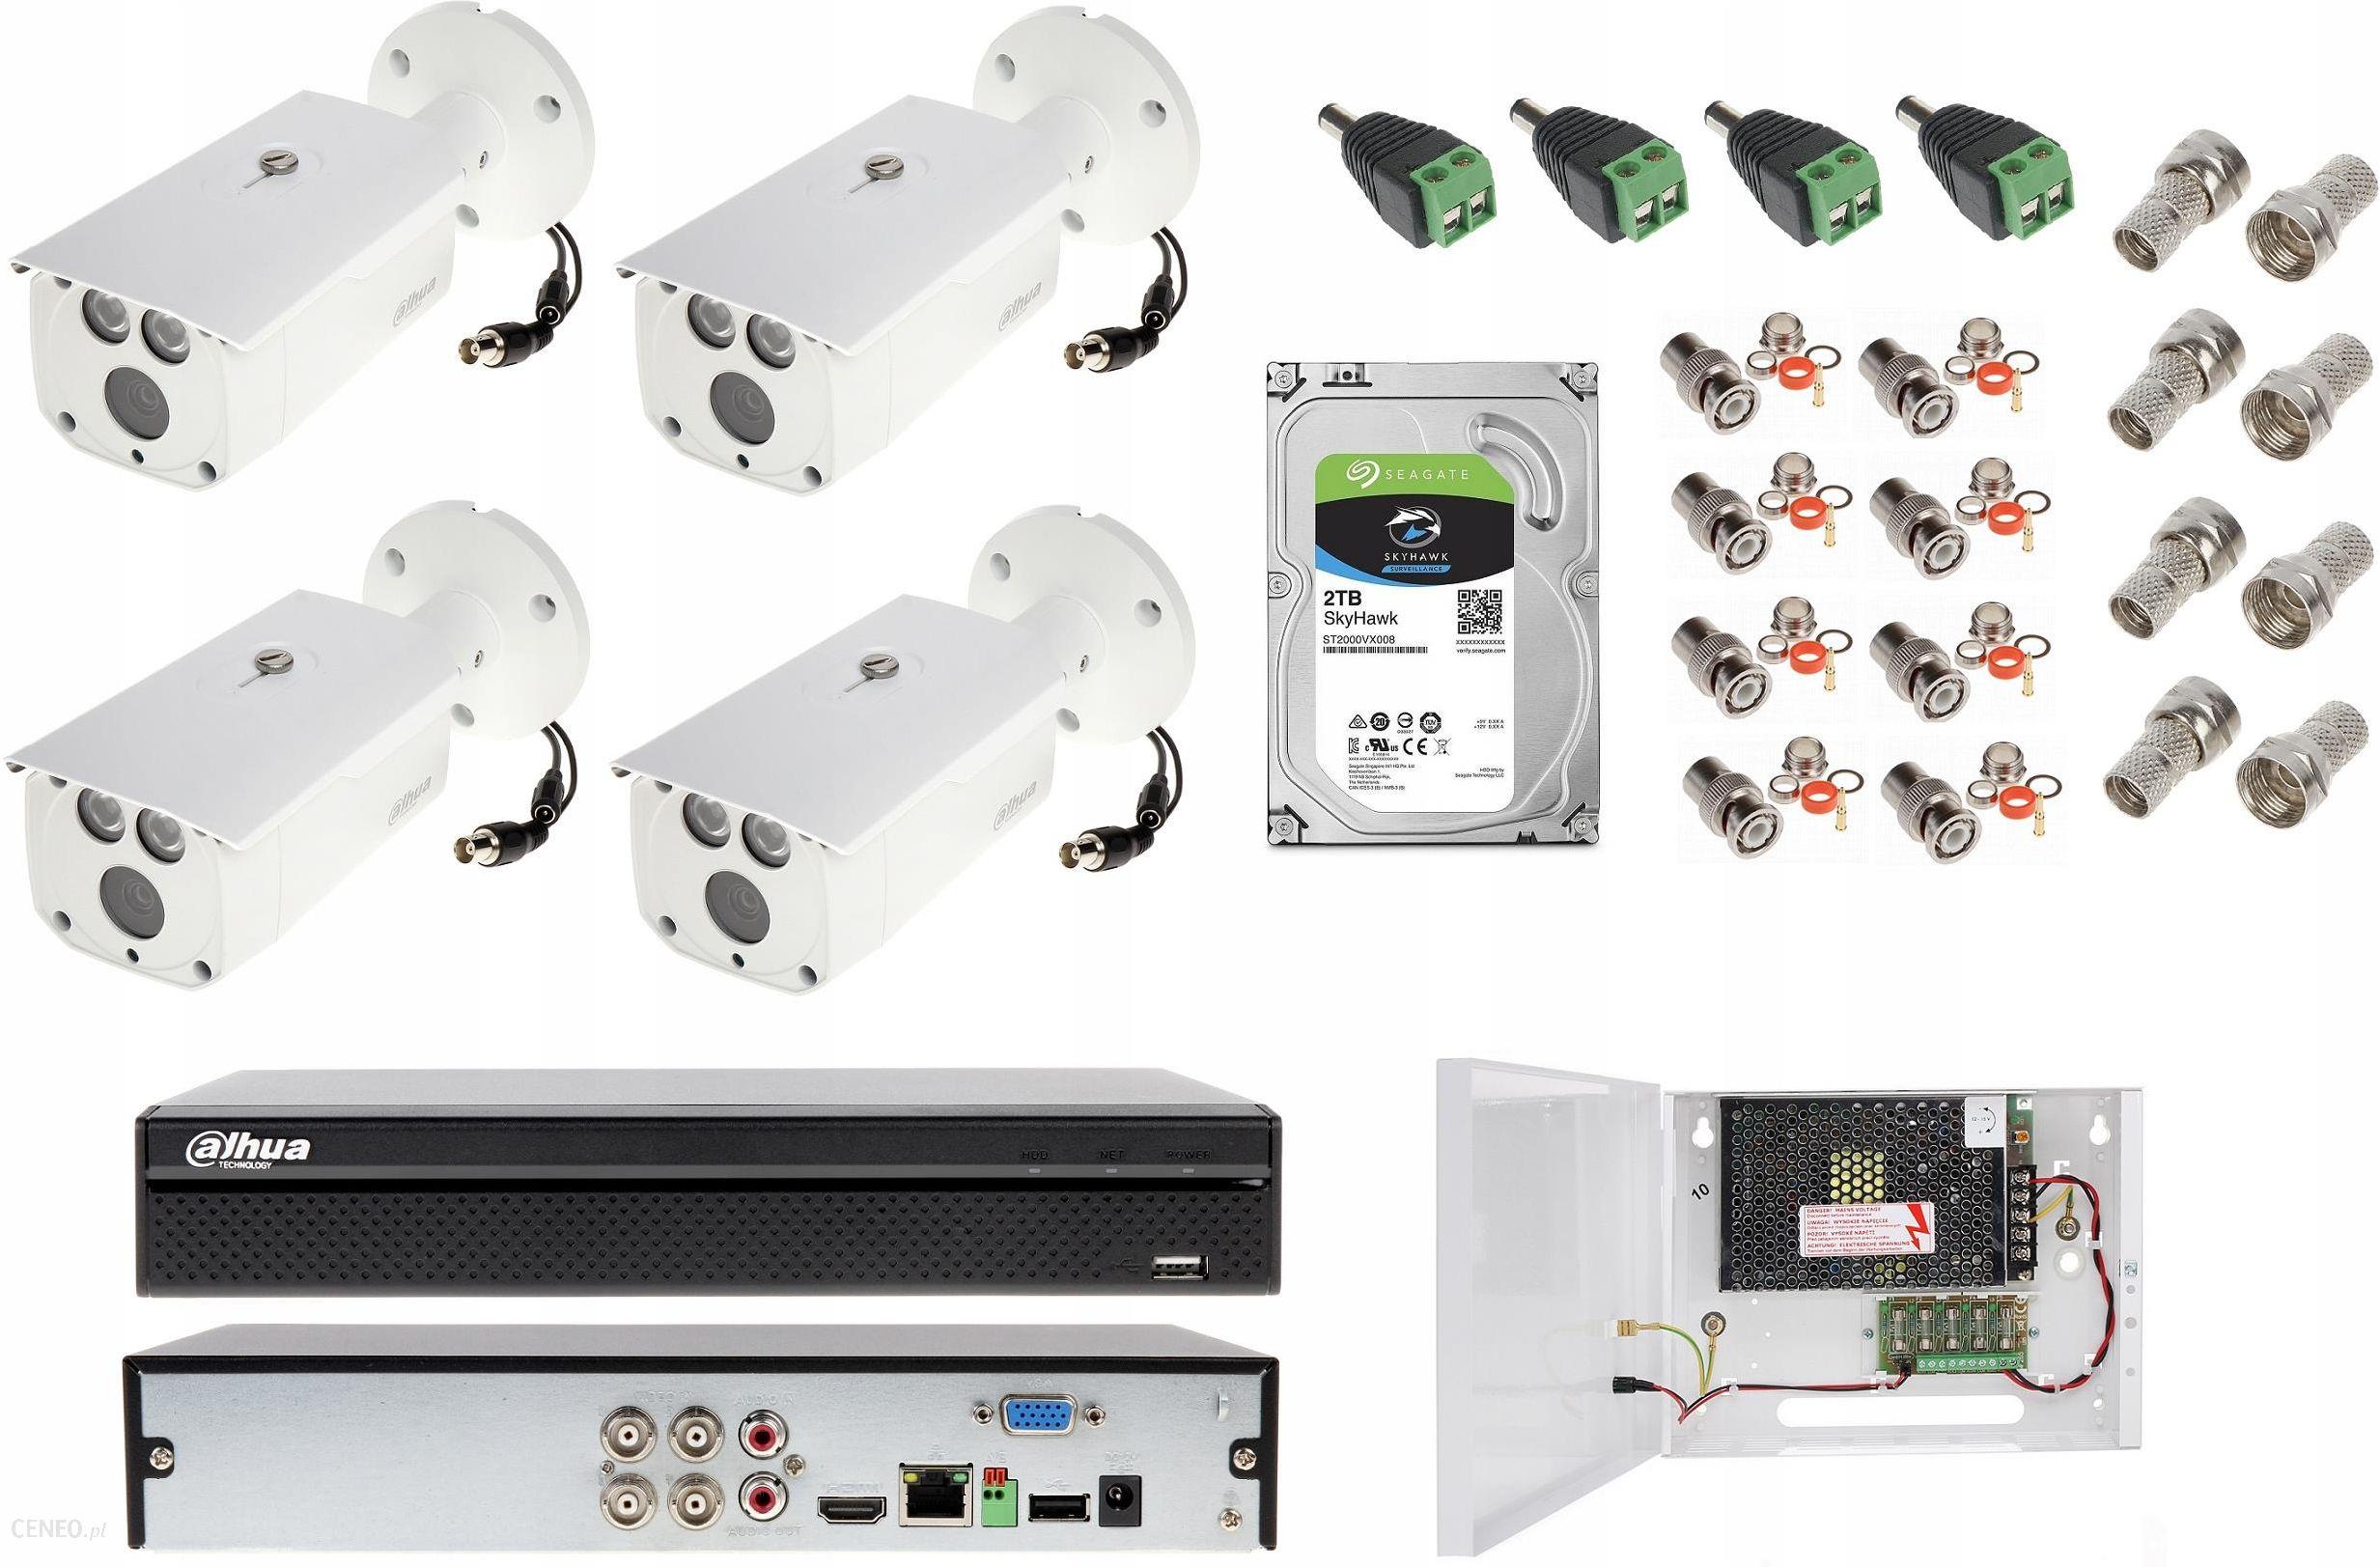 Zestaw do monitoringu Kamera Zewnętrzna Dahua 8Mpx